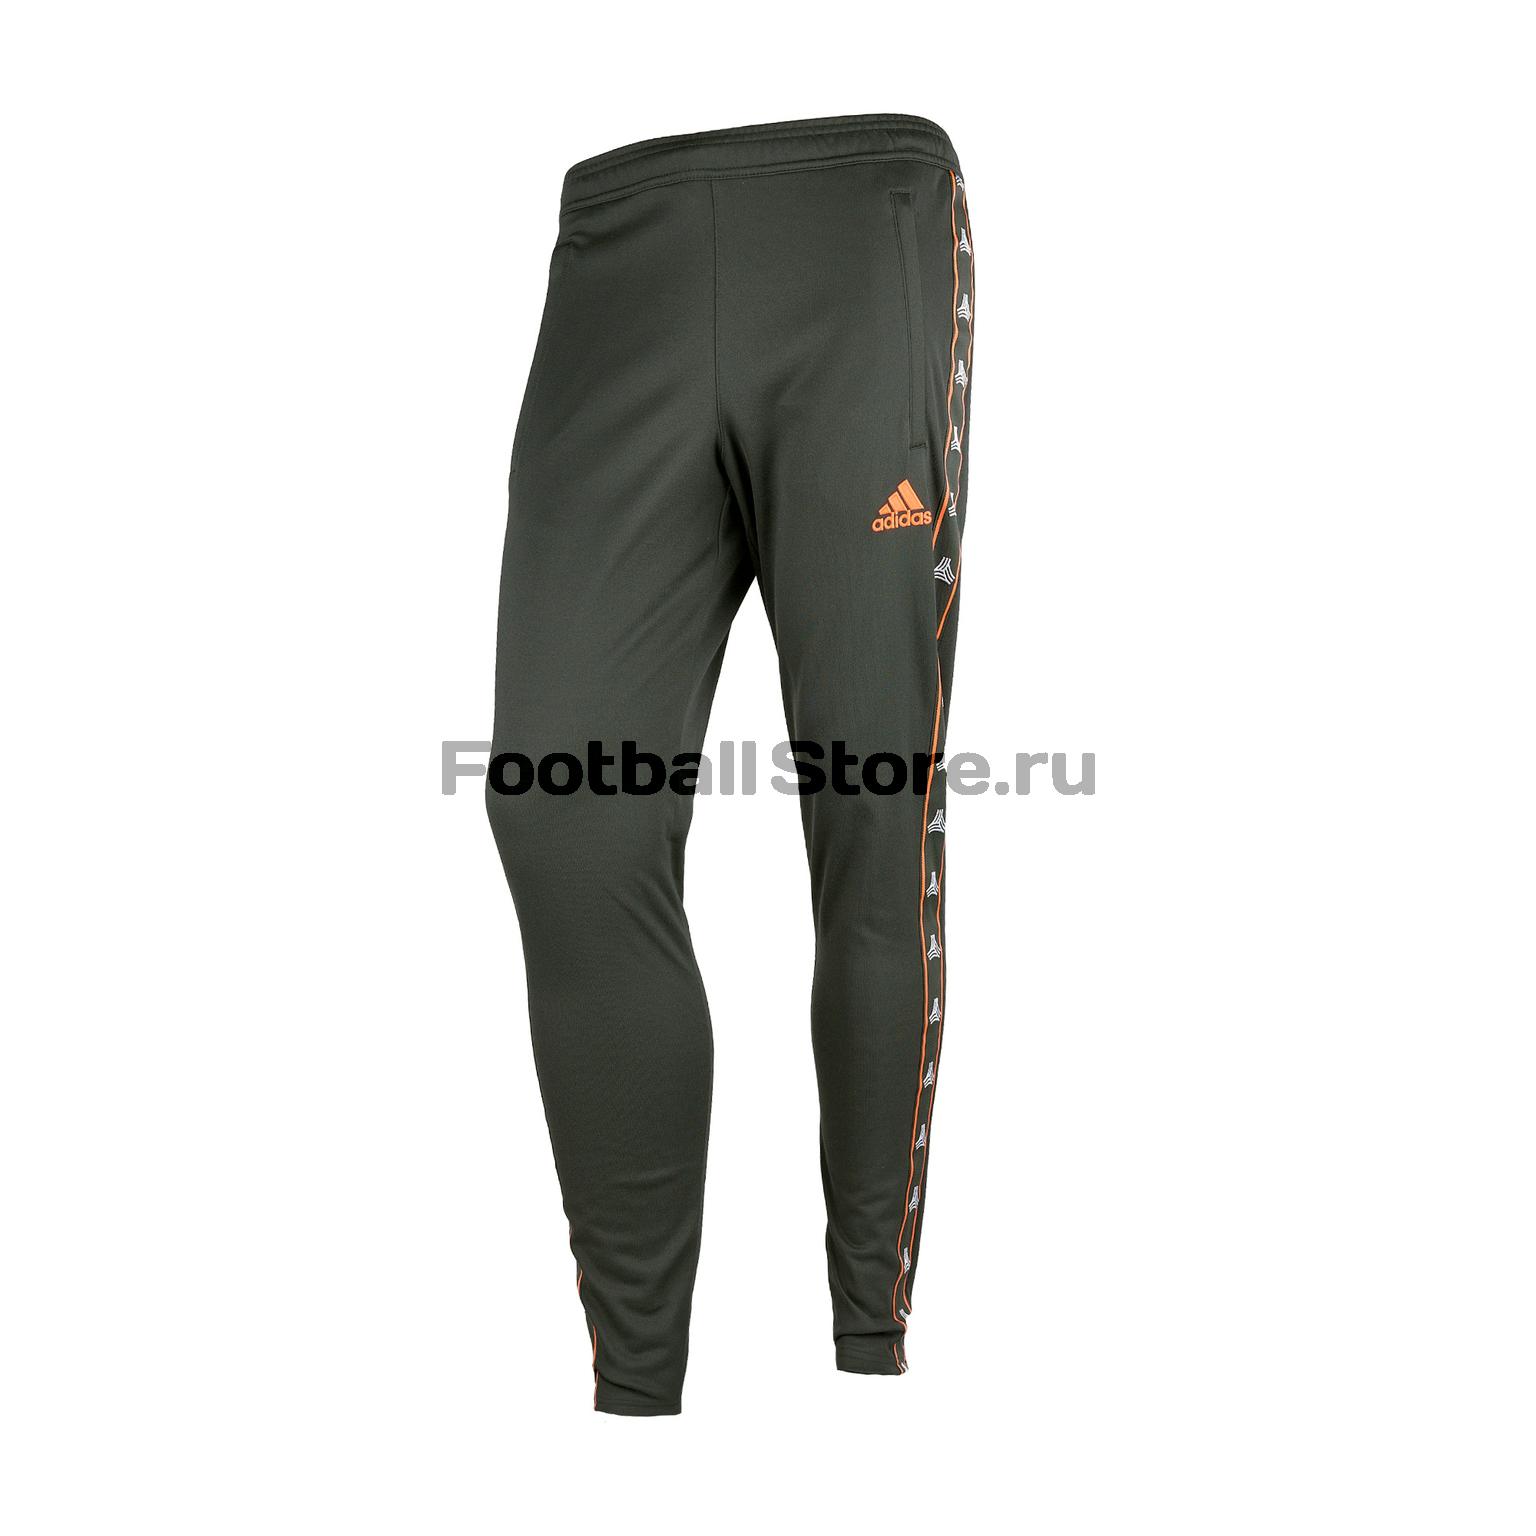 Брюки Adidas Tan Club Pant DZ9580 цена